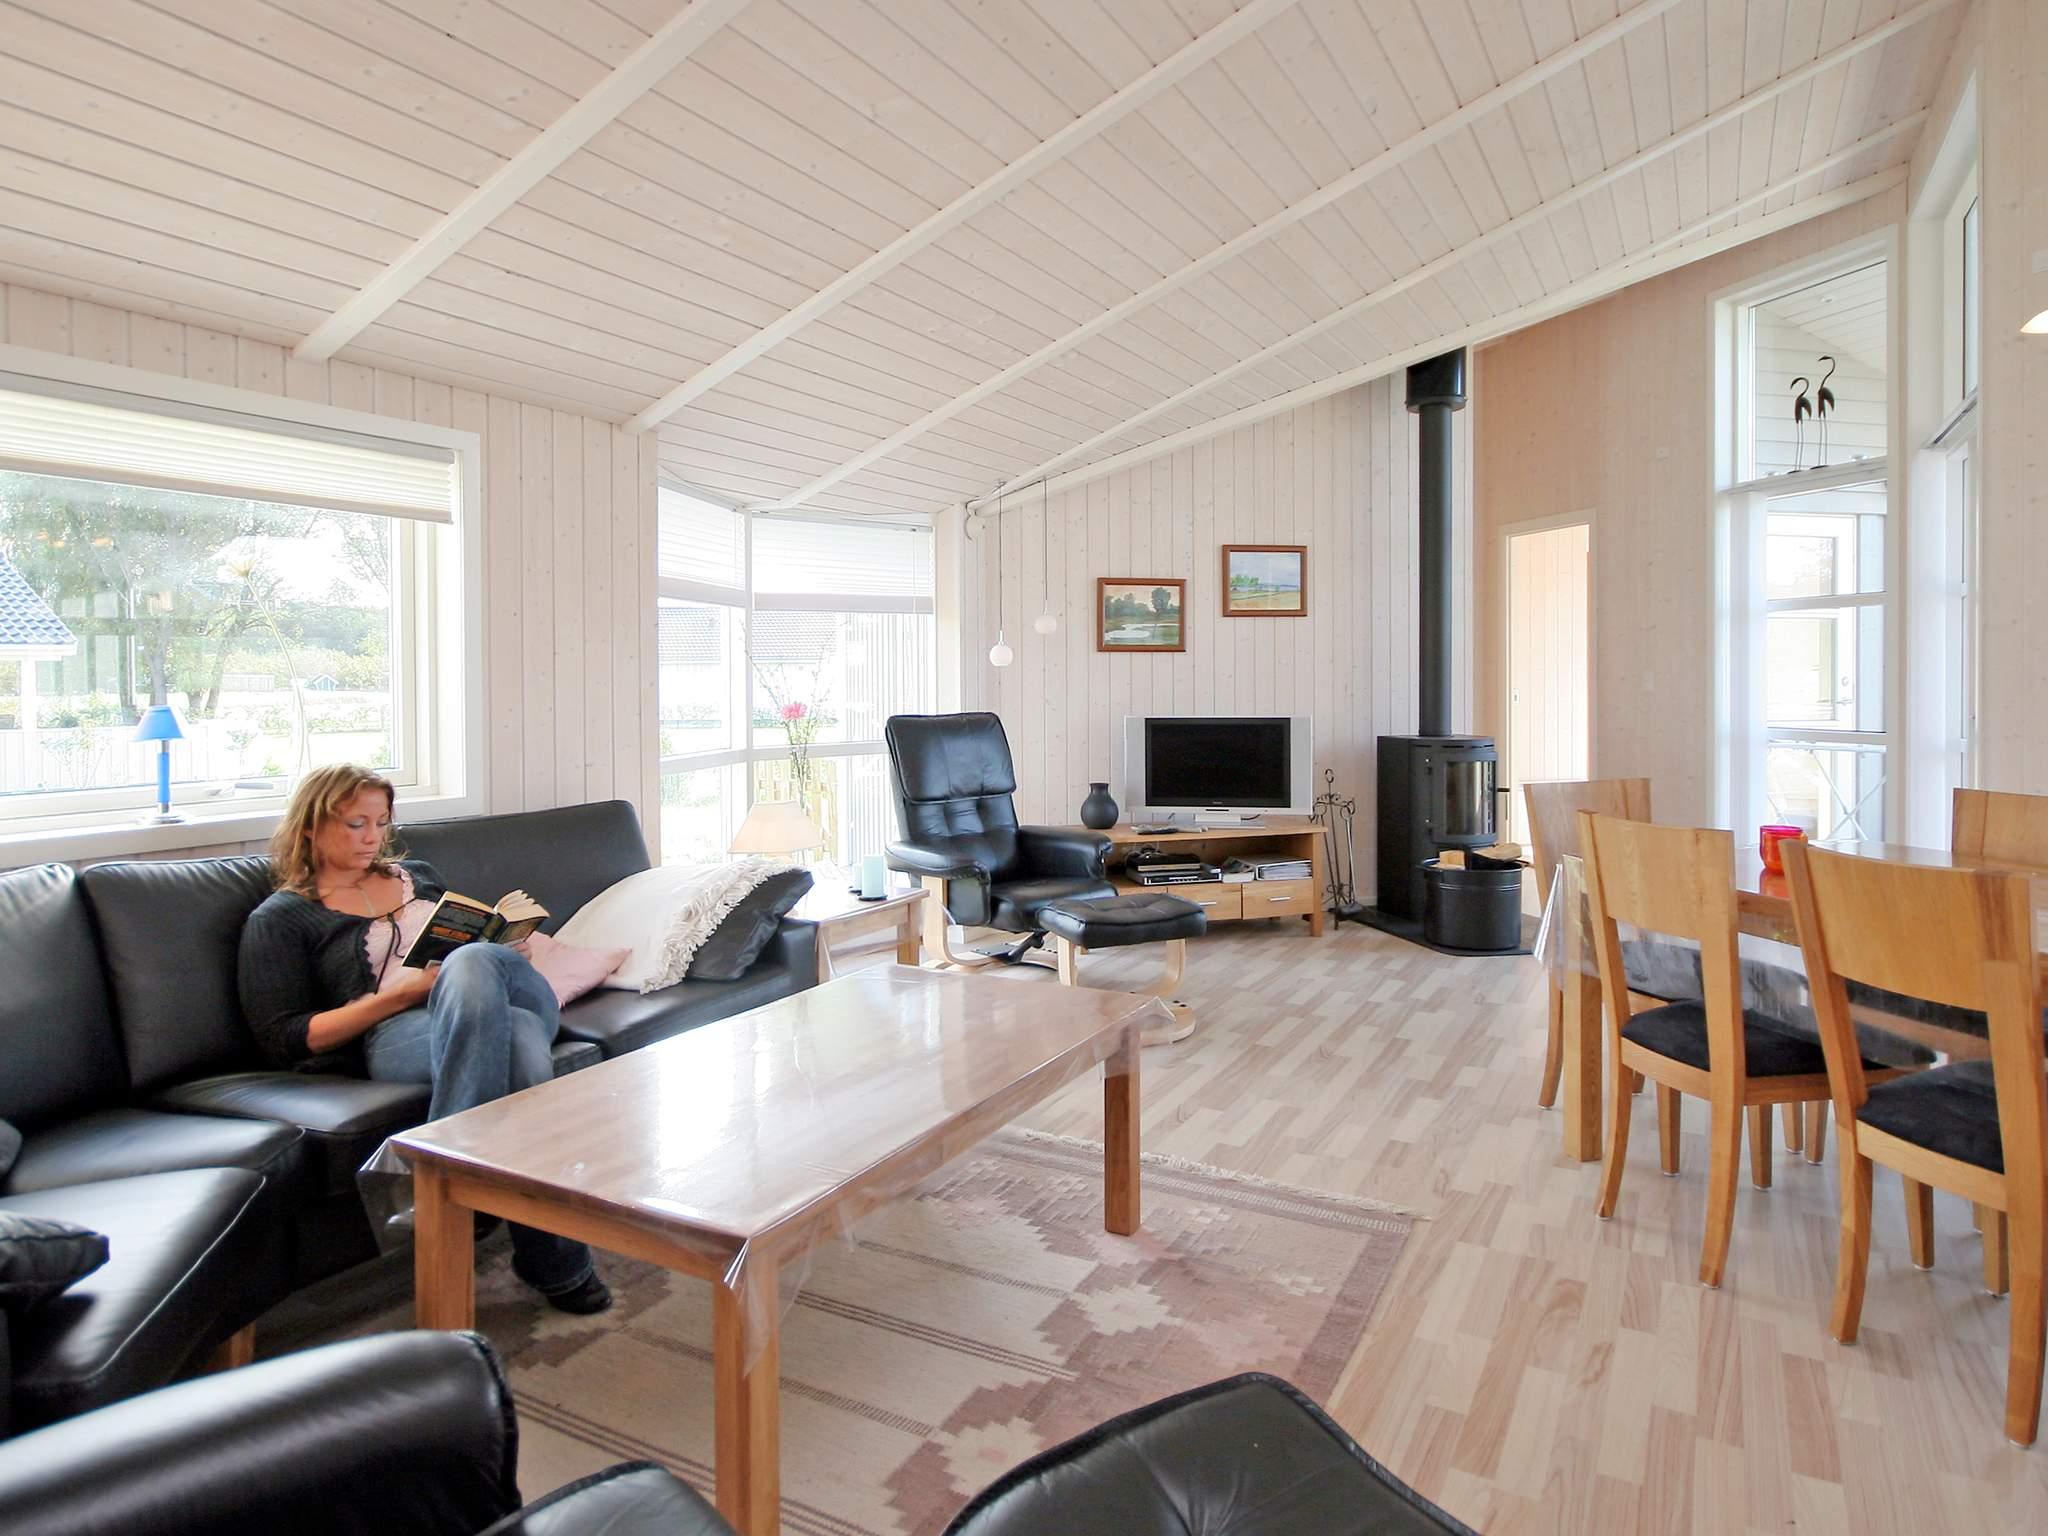 Ferienhaus Bisserup (135439), Rude, , Westseeland, Dänemark, Bild 4